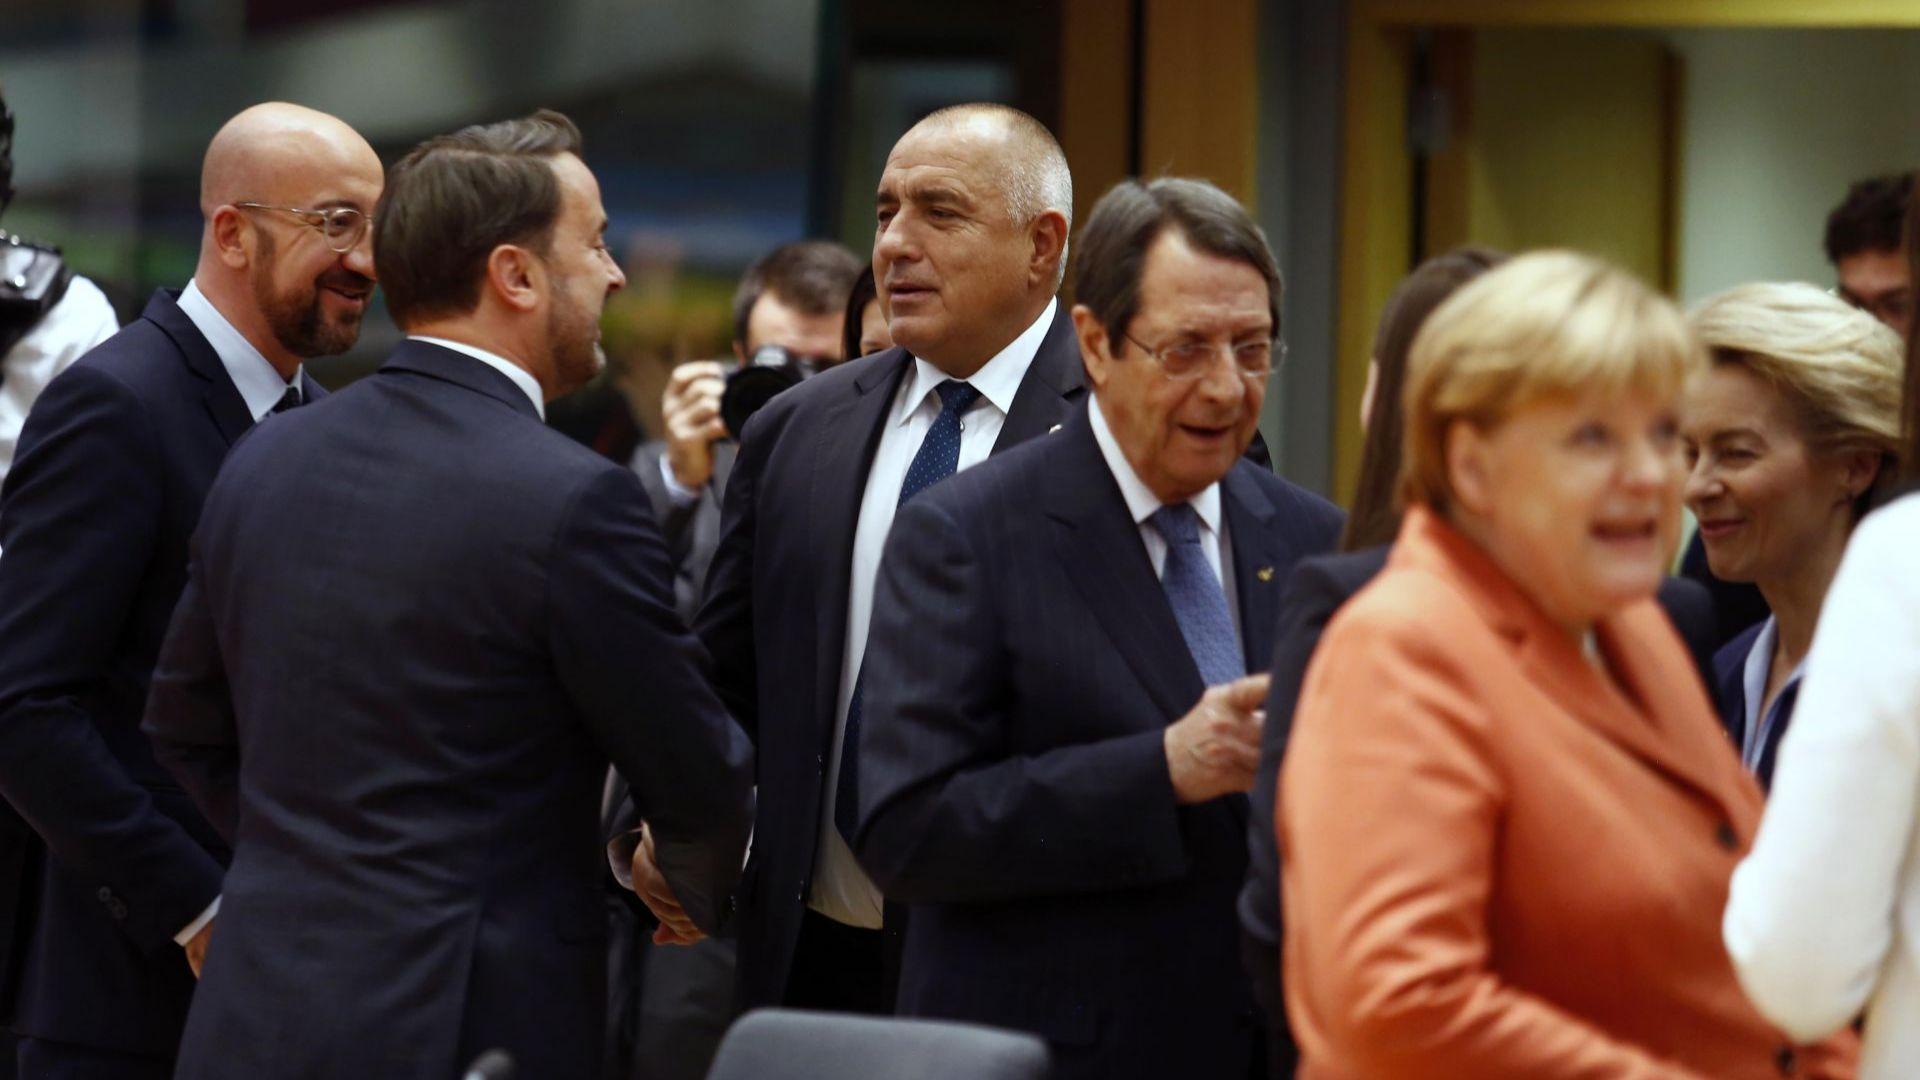 Започна заседанието на Европейския съвет в Брюксел, в което участва